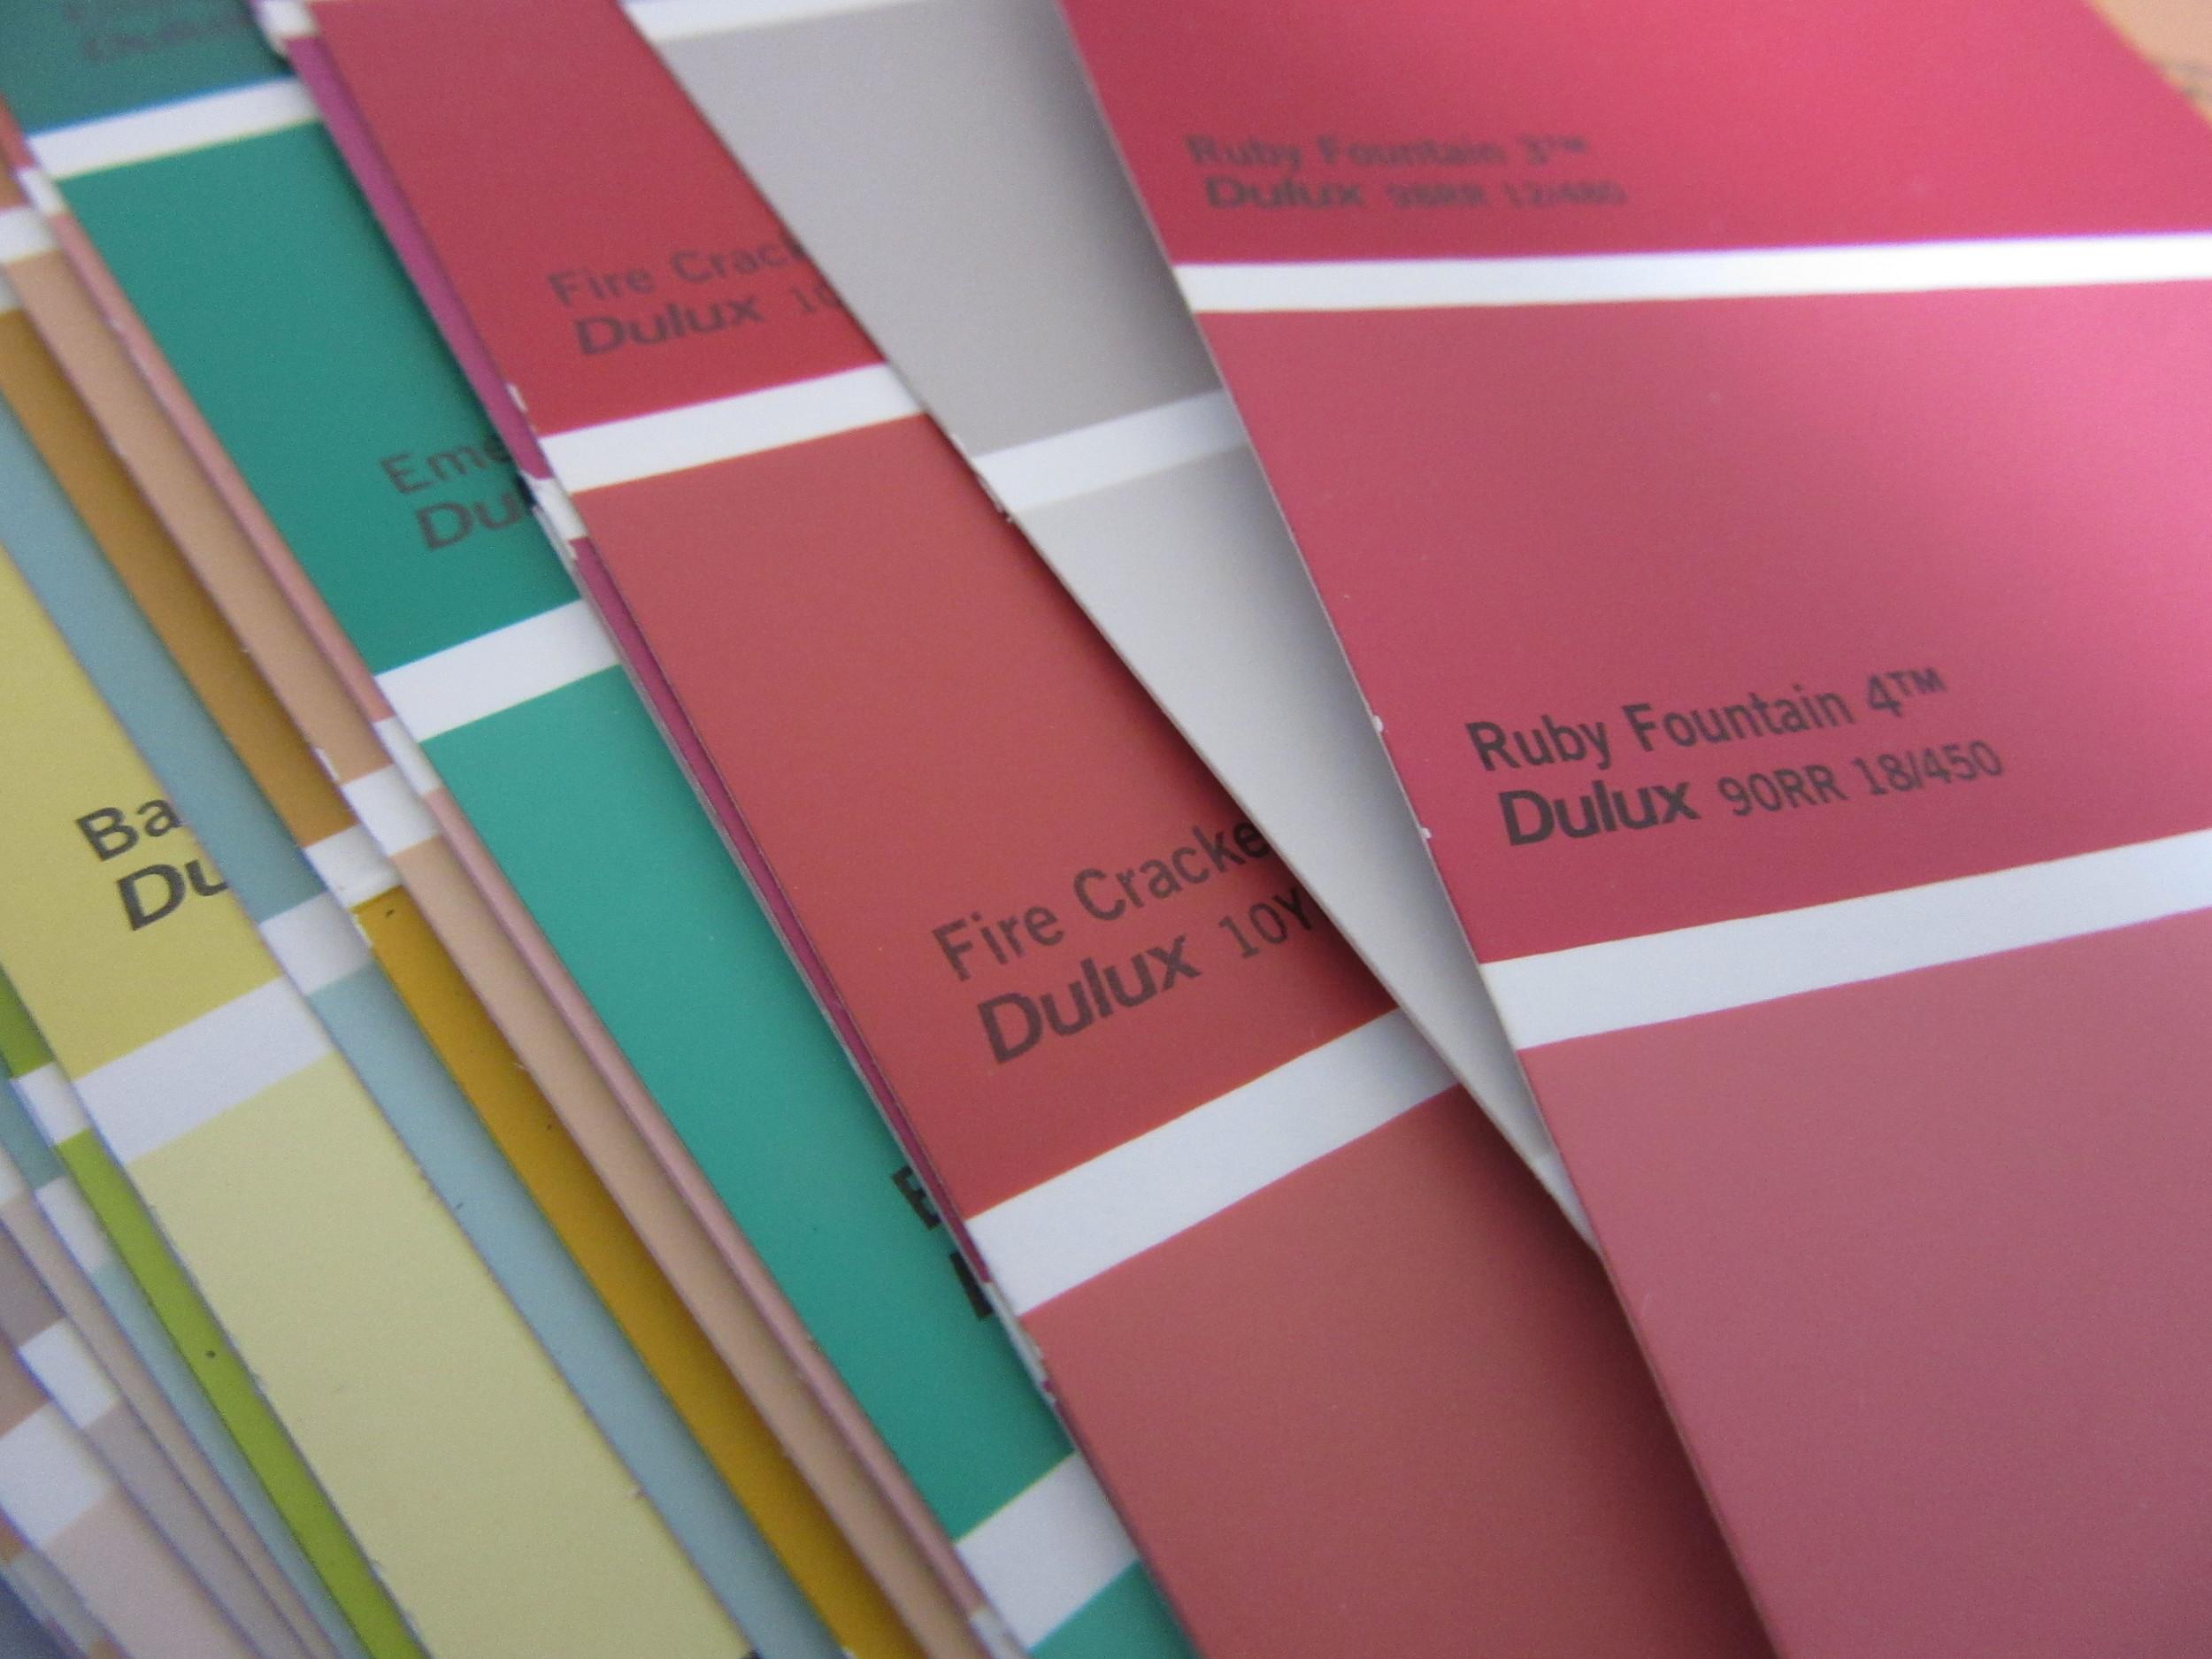 Dulux colour swatches